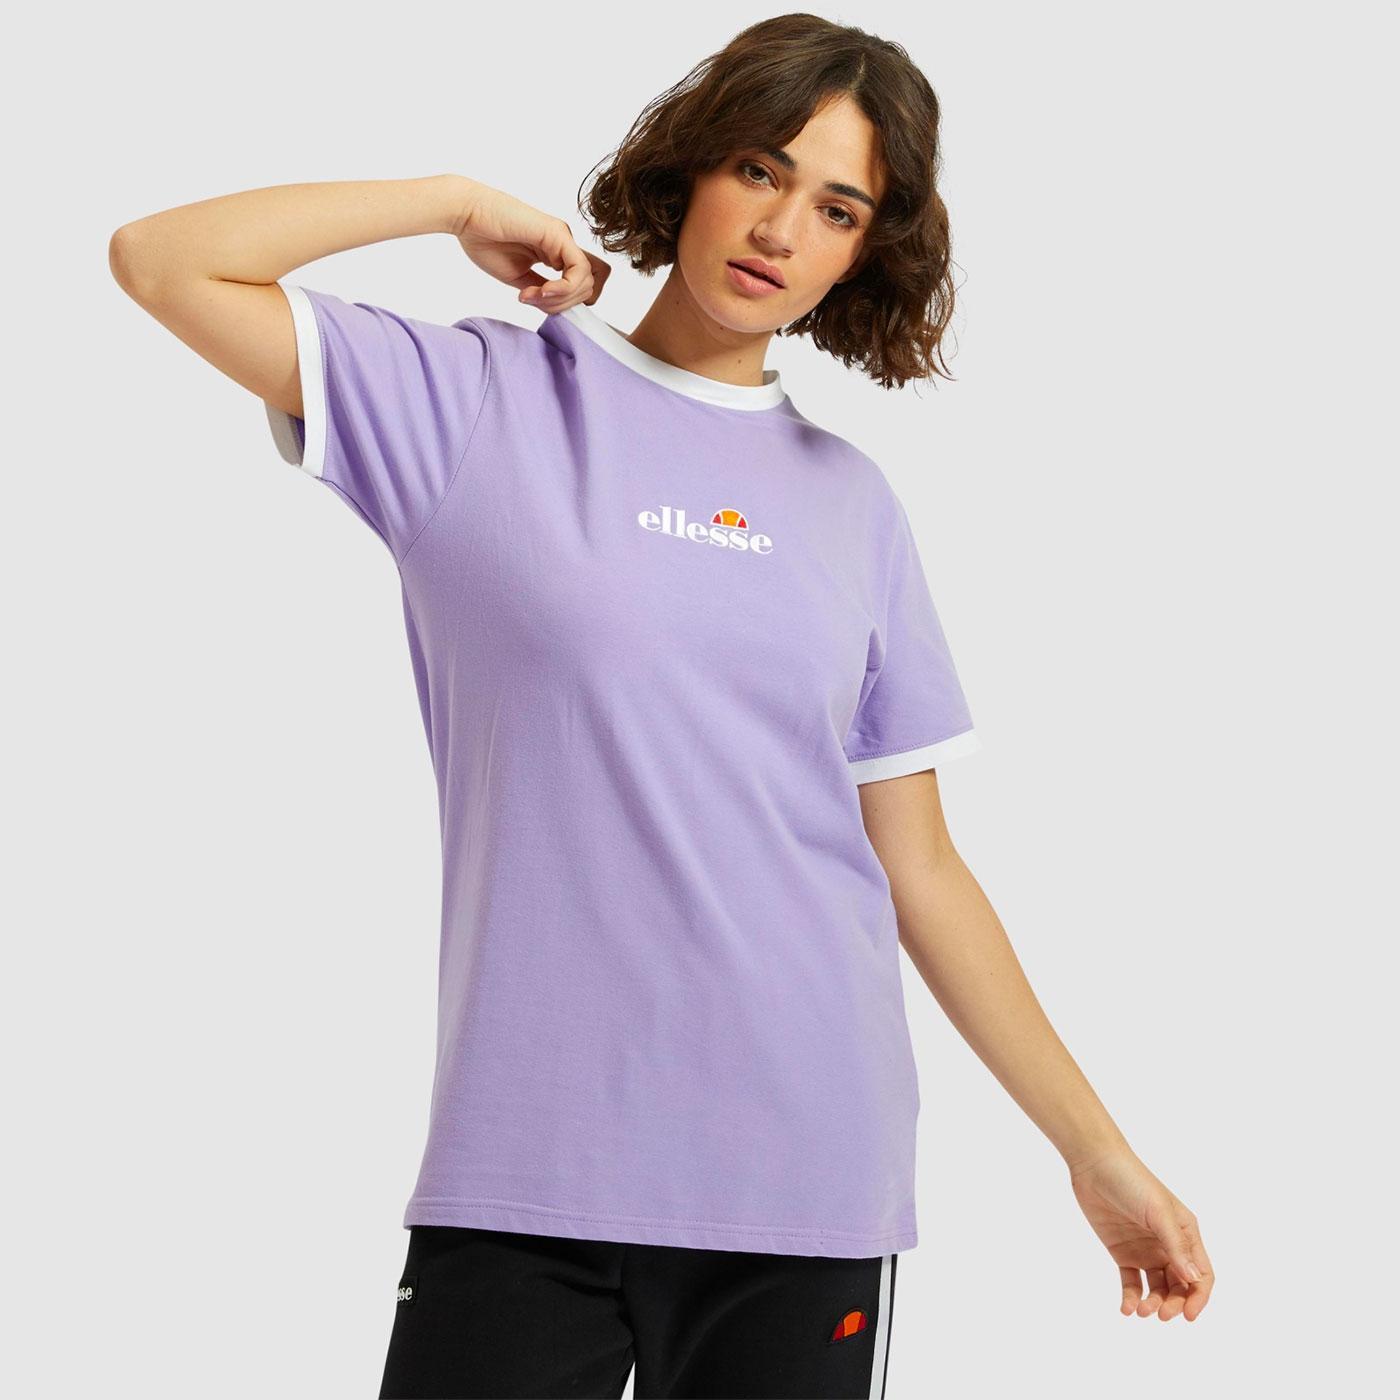 Serafina ELLESSE Retro Women's Ringer T-Shirt P